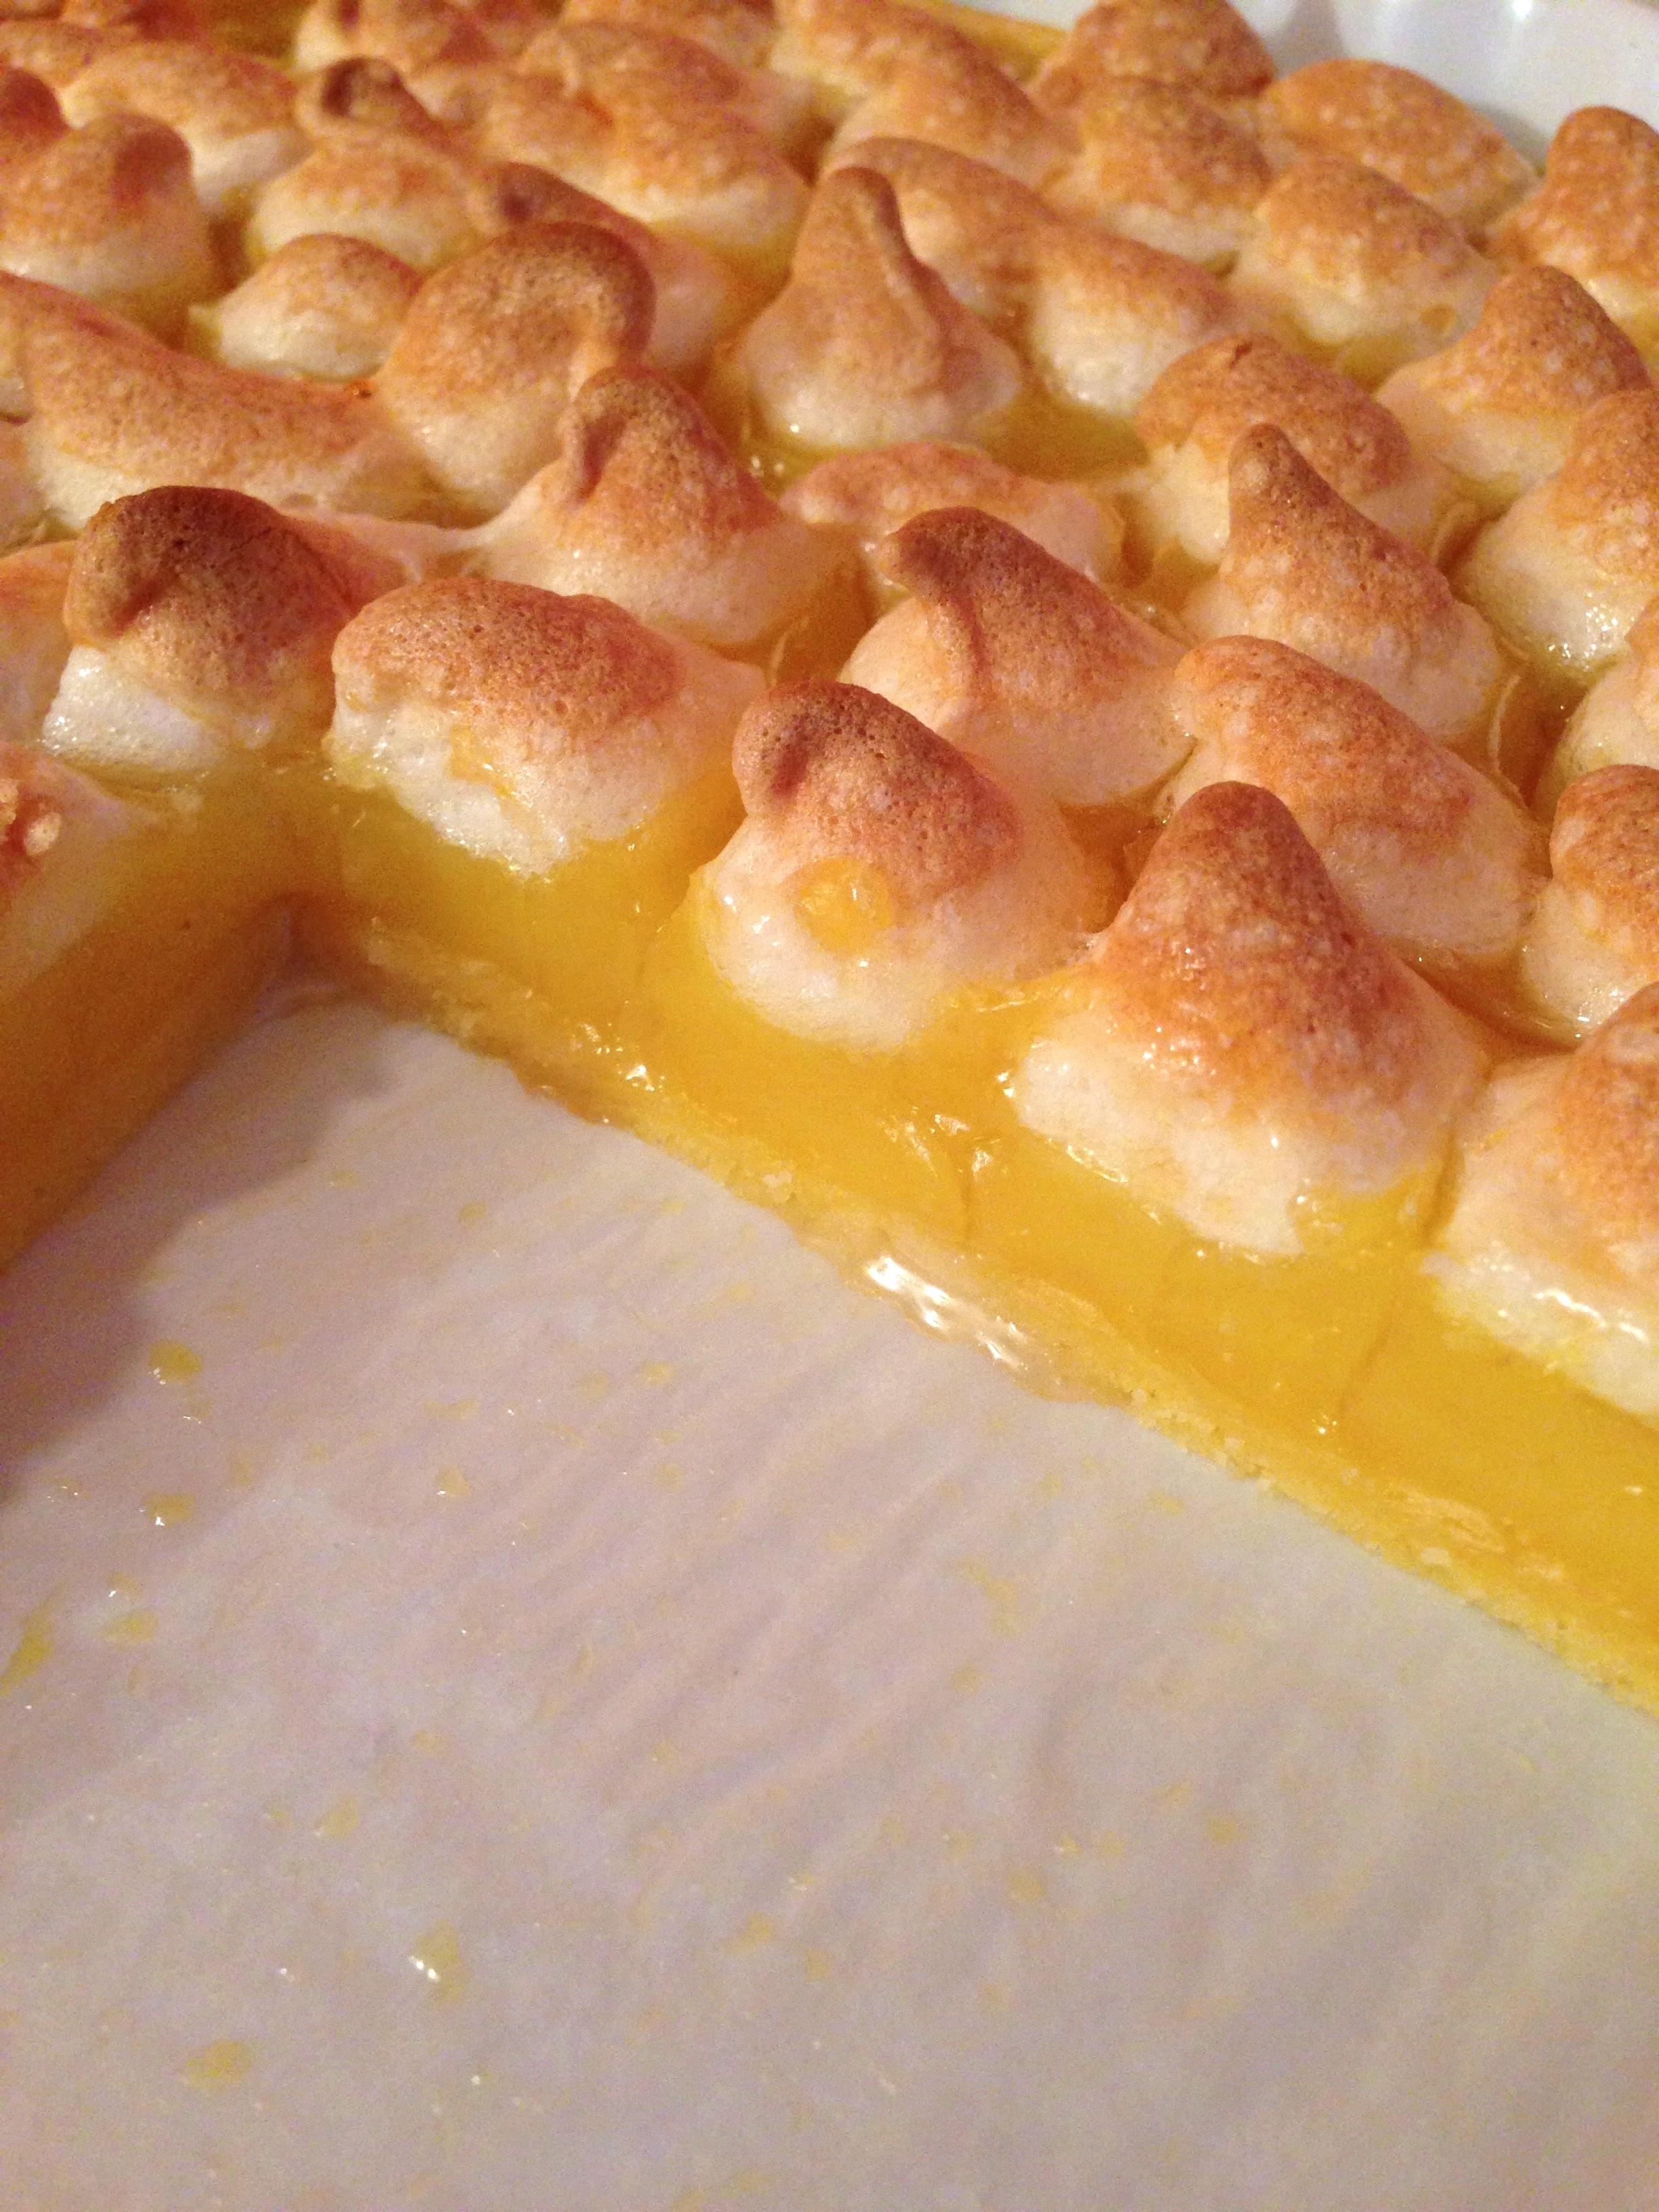 recette gouter tarte au citron meringu 233 e facile comme tout c 233 line m c 233 line aime